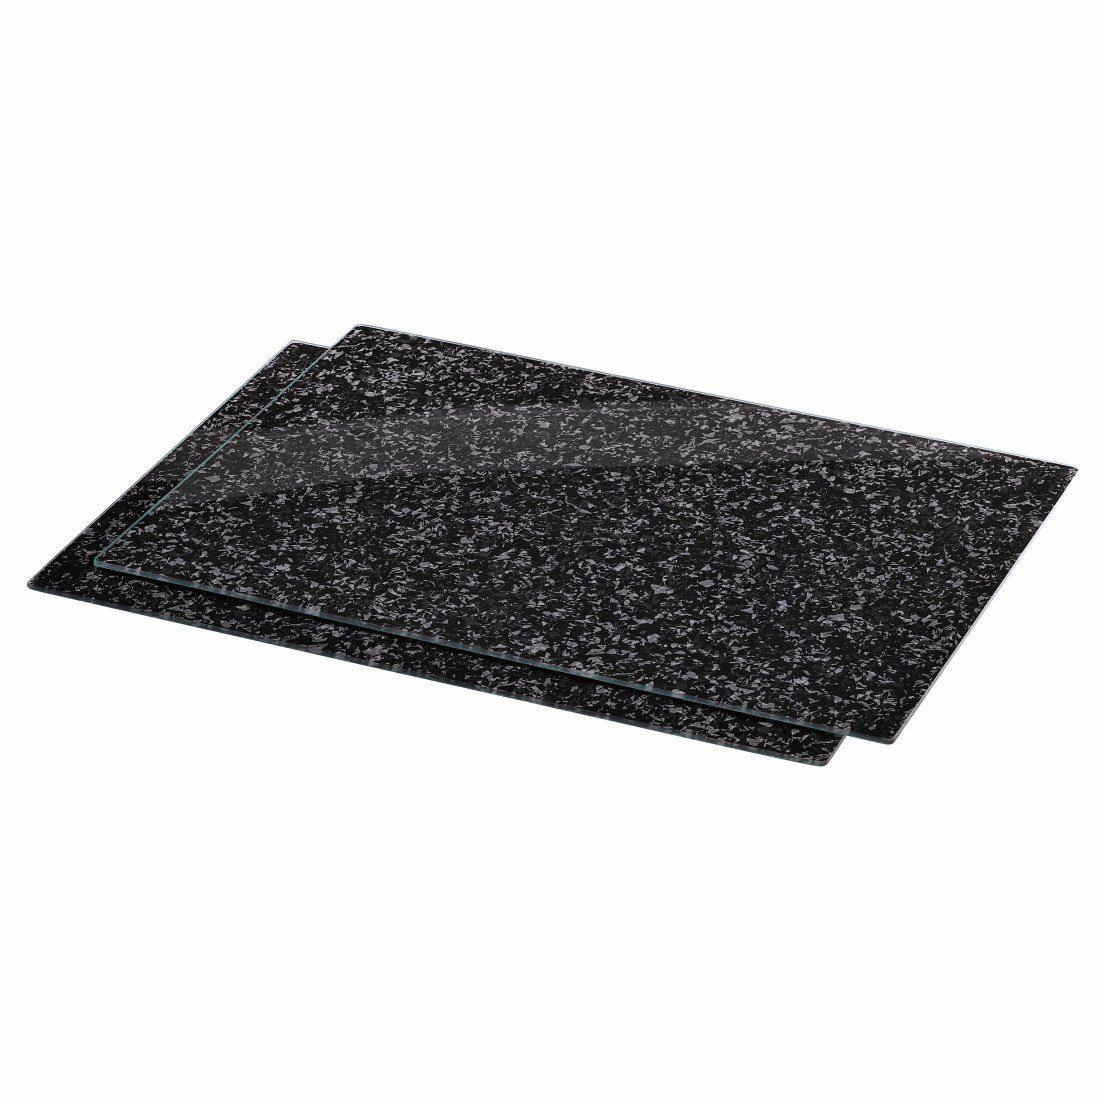 Xavax Herdabdeckplatte, 2er-Pack, Design Granit, 52 cm x 40 cm